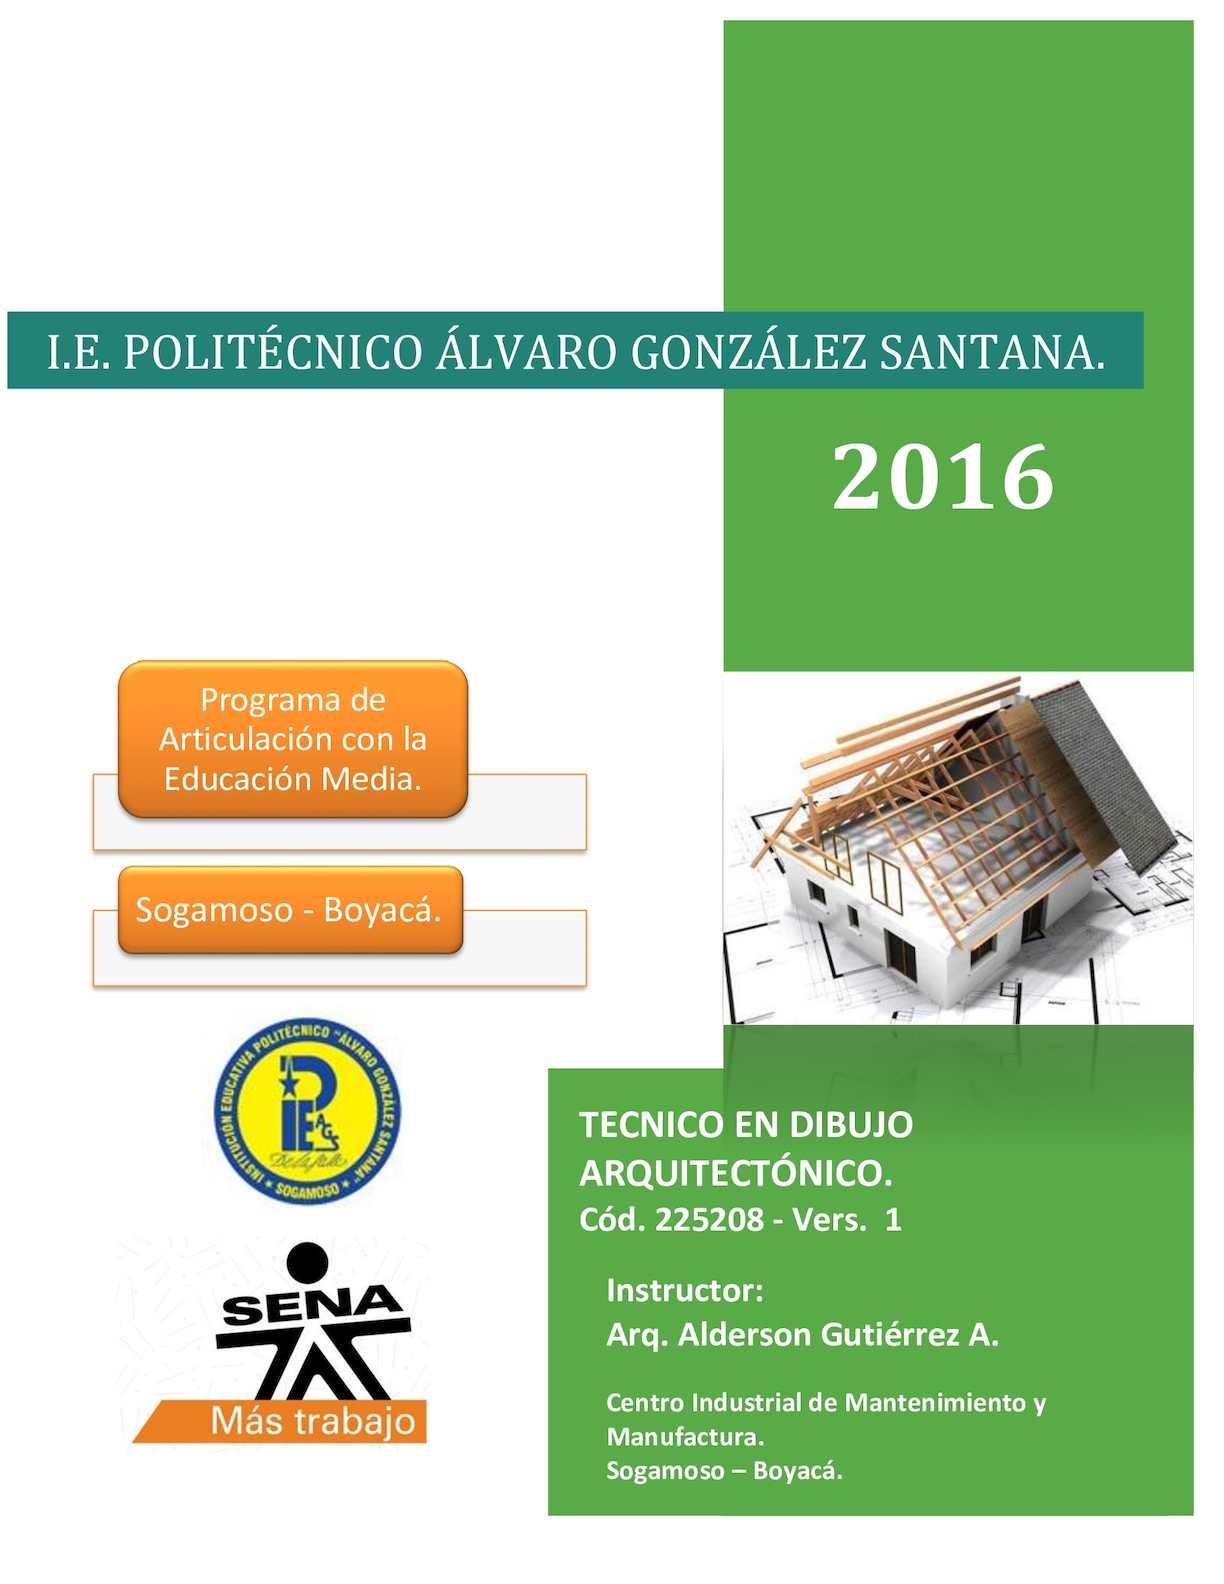 Portafolio Instructor Sena. Ficha 1136034.Alderson Gutierrez